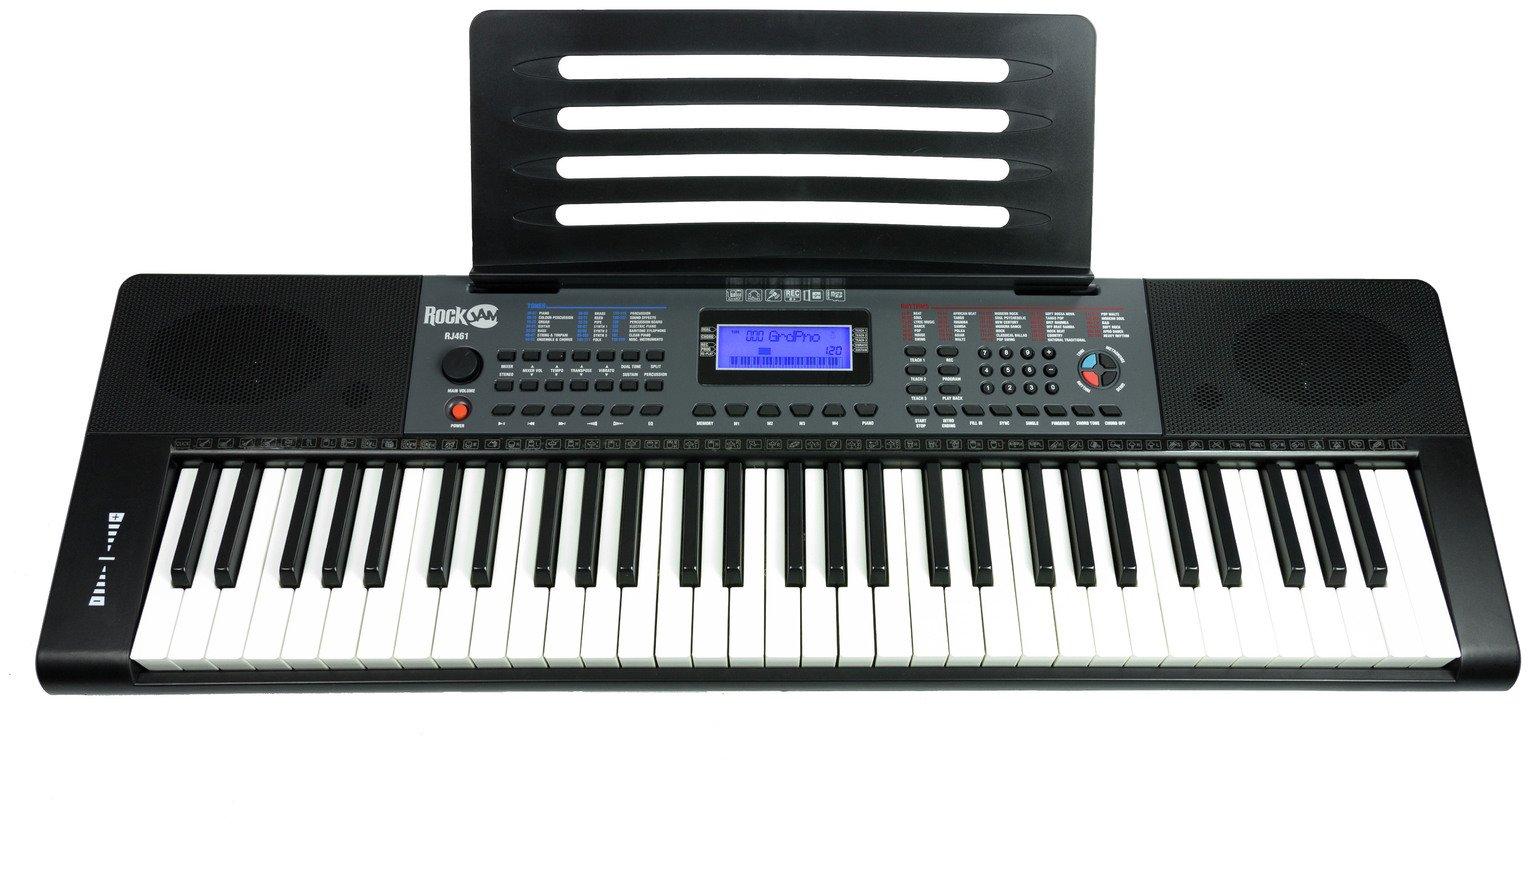 RockJam 61 Key Keyboard